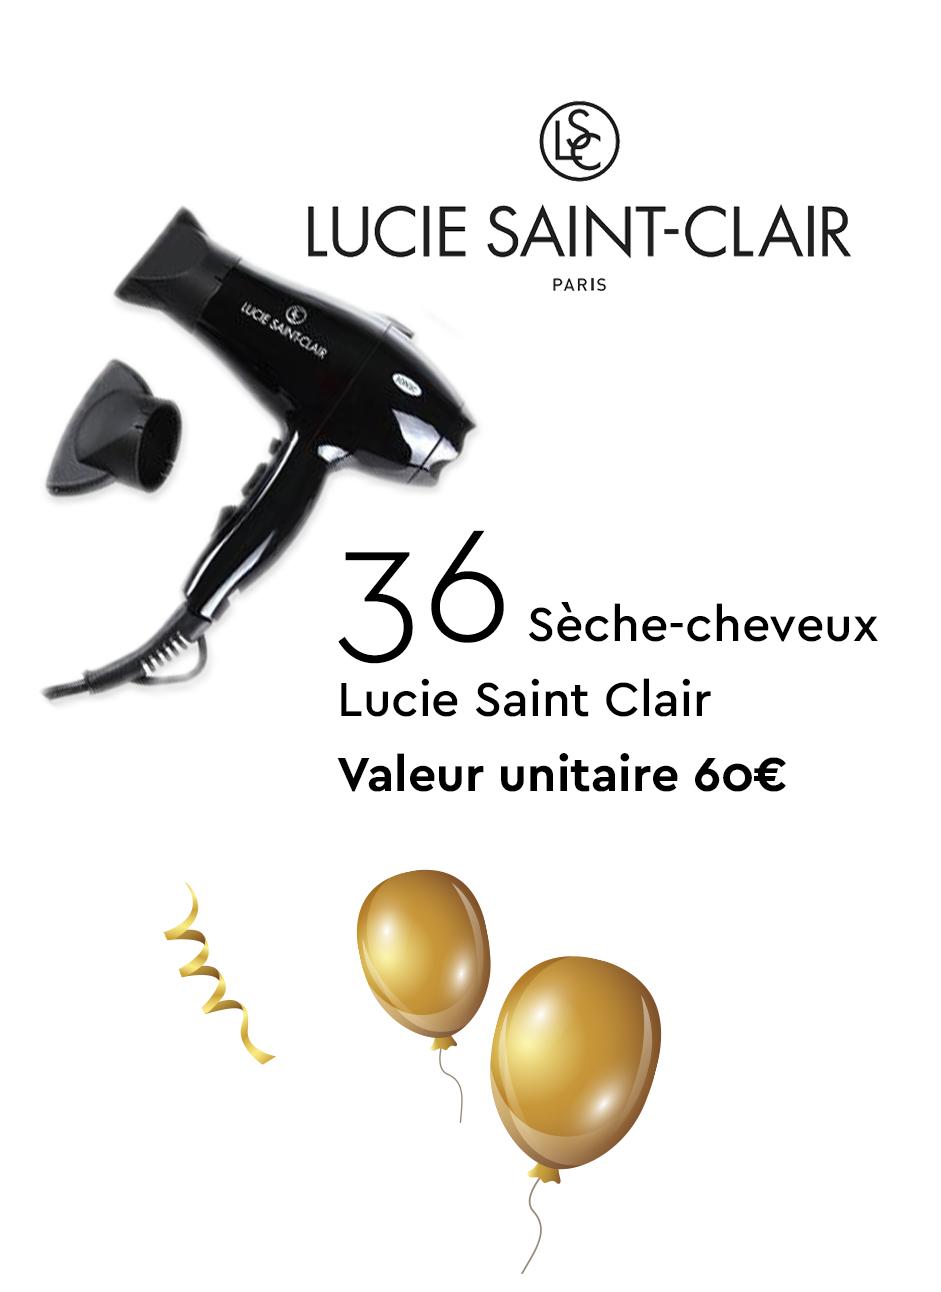 36 Sèche-cheveux Lucie Saint Clair - Valeur unitaire 60€